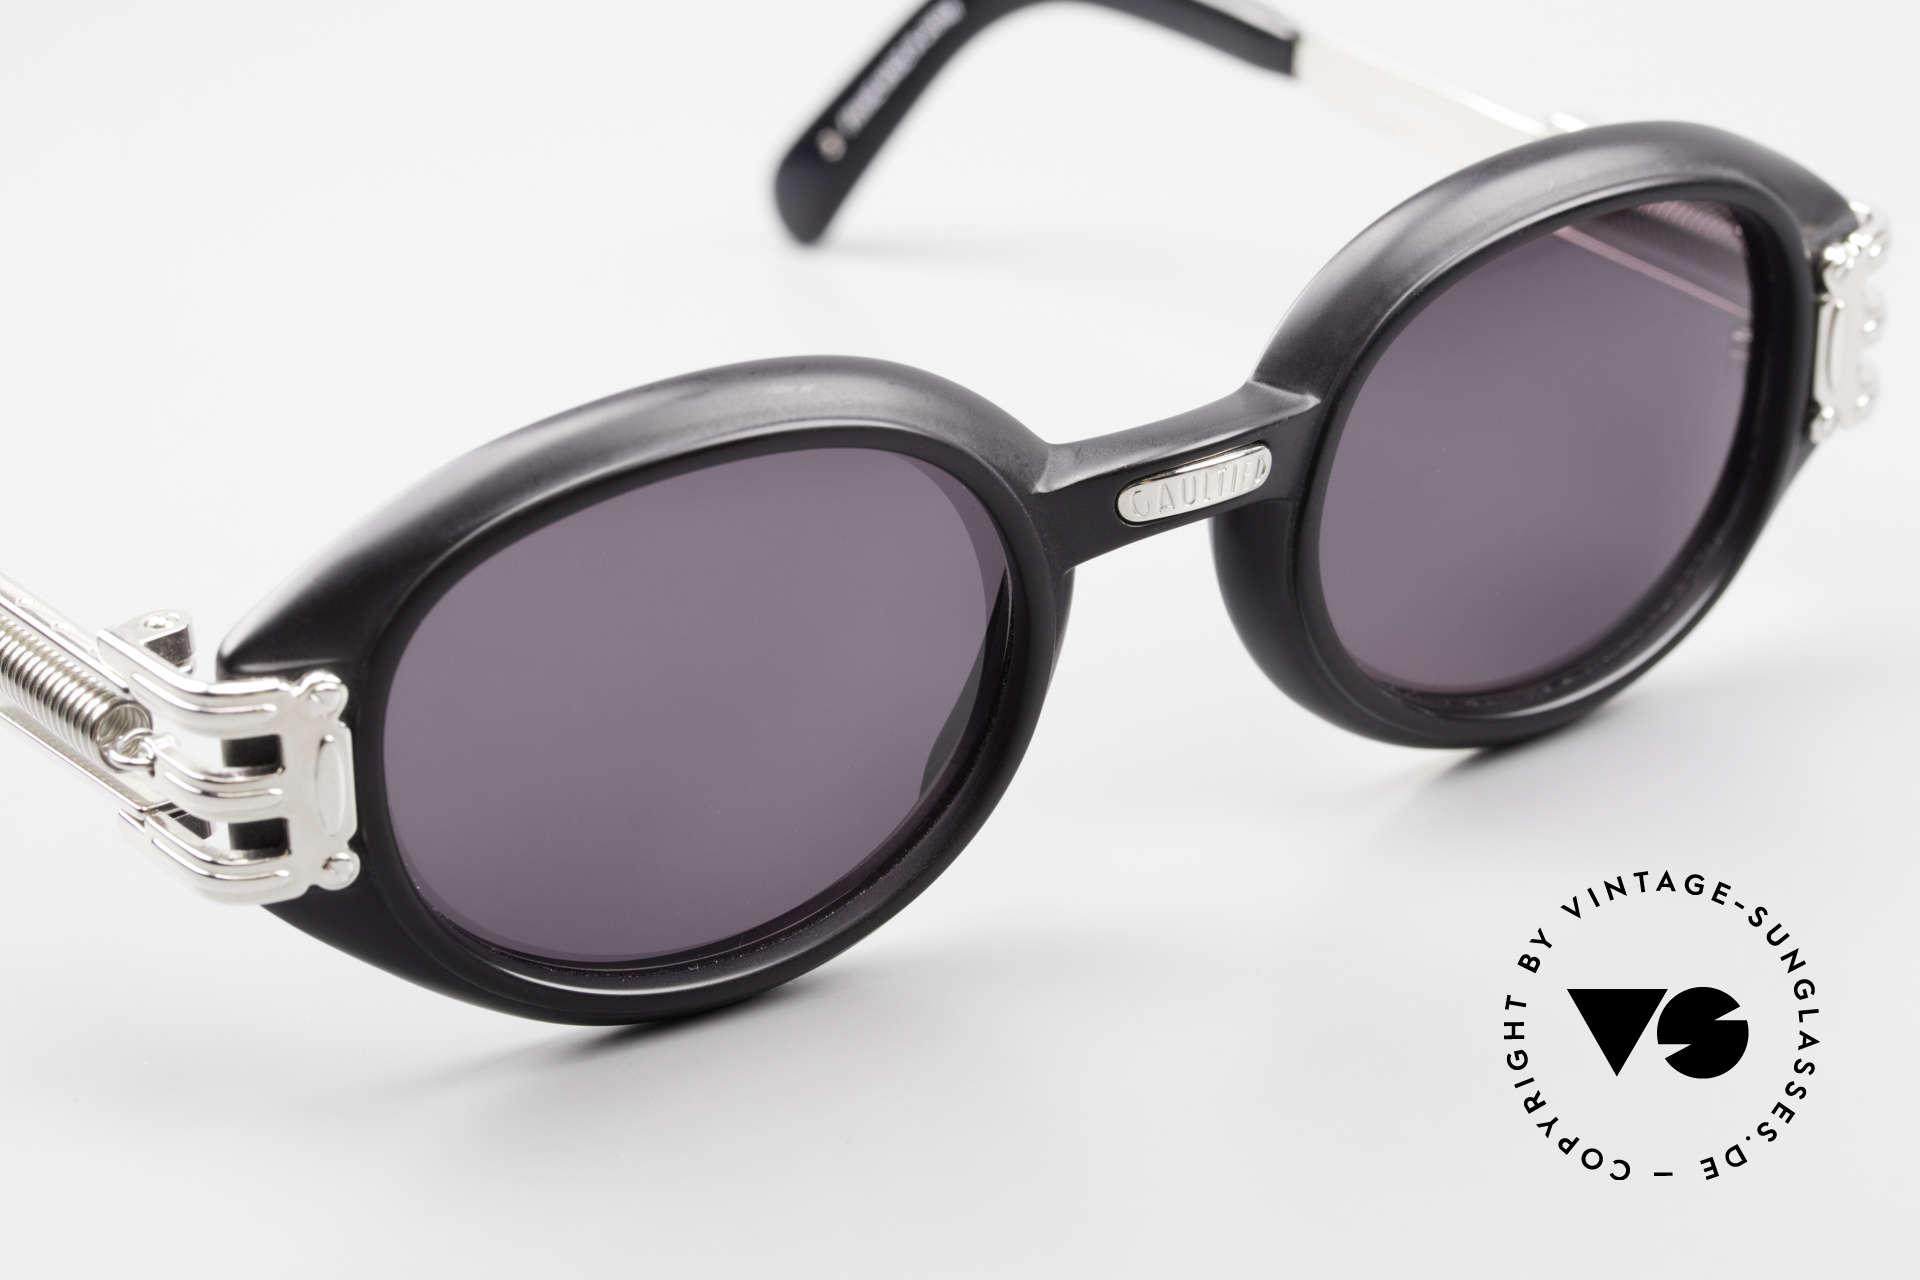 Jean Paul Gaultier 56-5203 Steampunk Sonnenbrille 90er, KEINE RETROBRILLE; ein altes Original von 1995/96, Passend für Herren und Damen